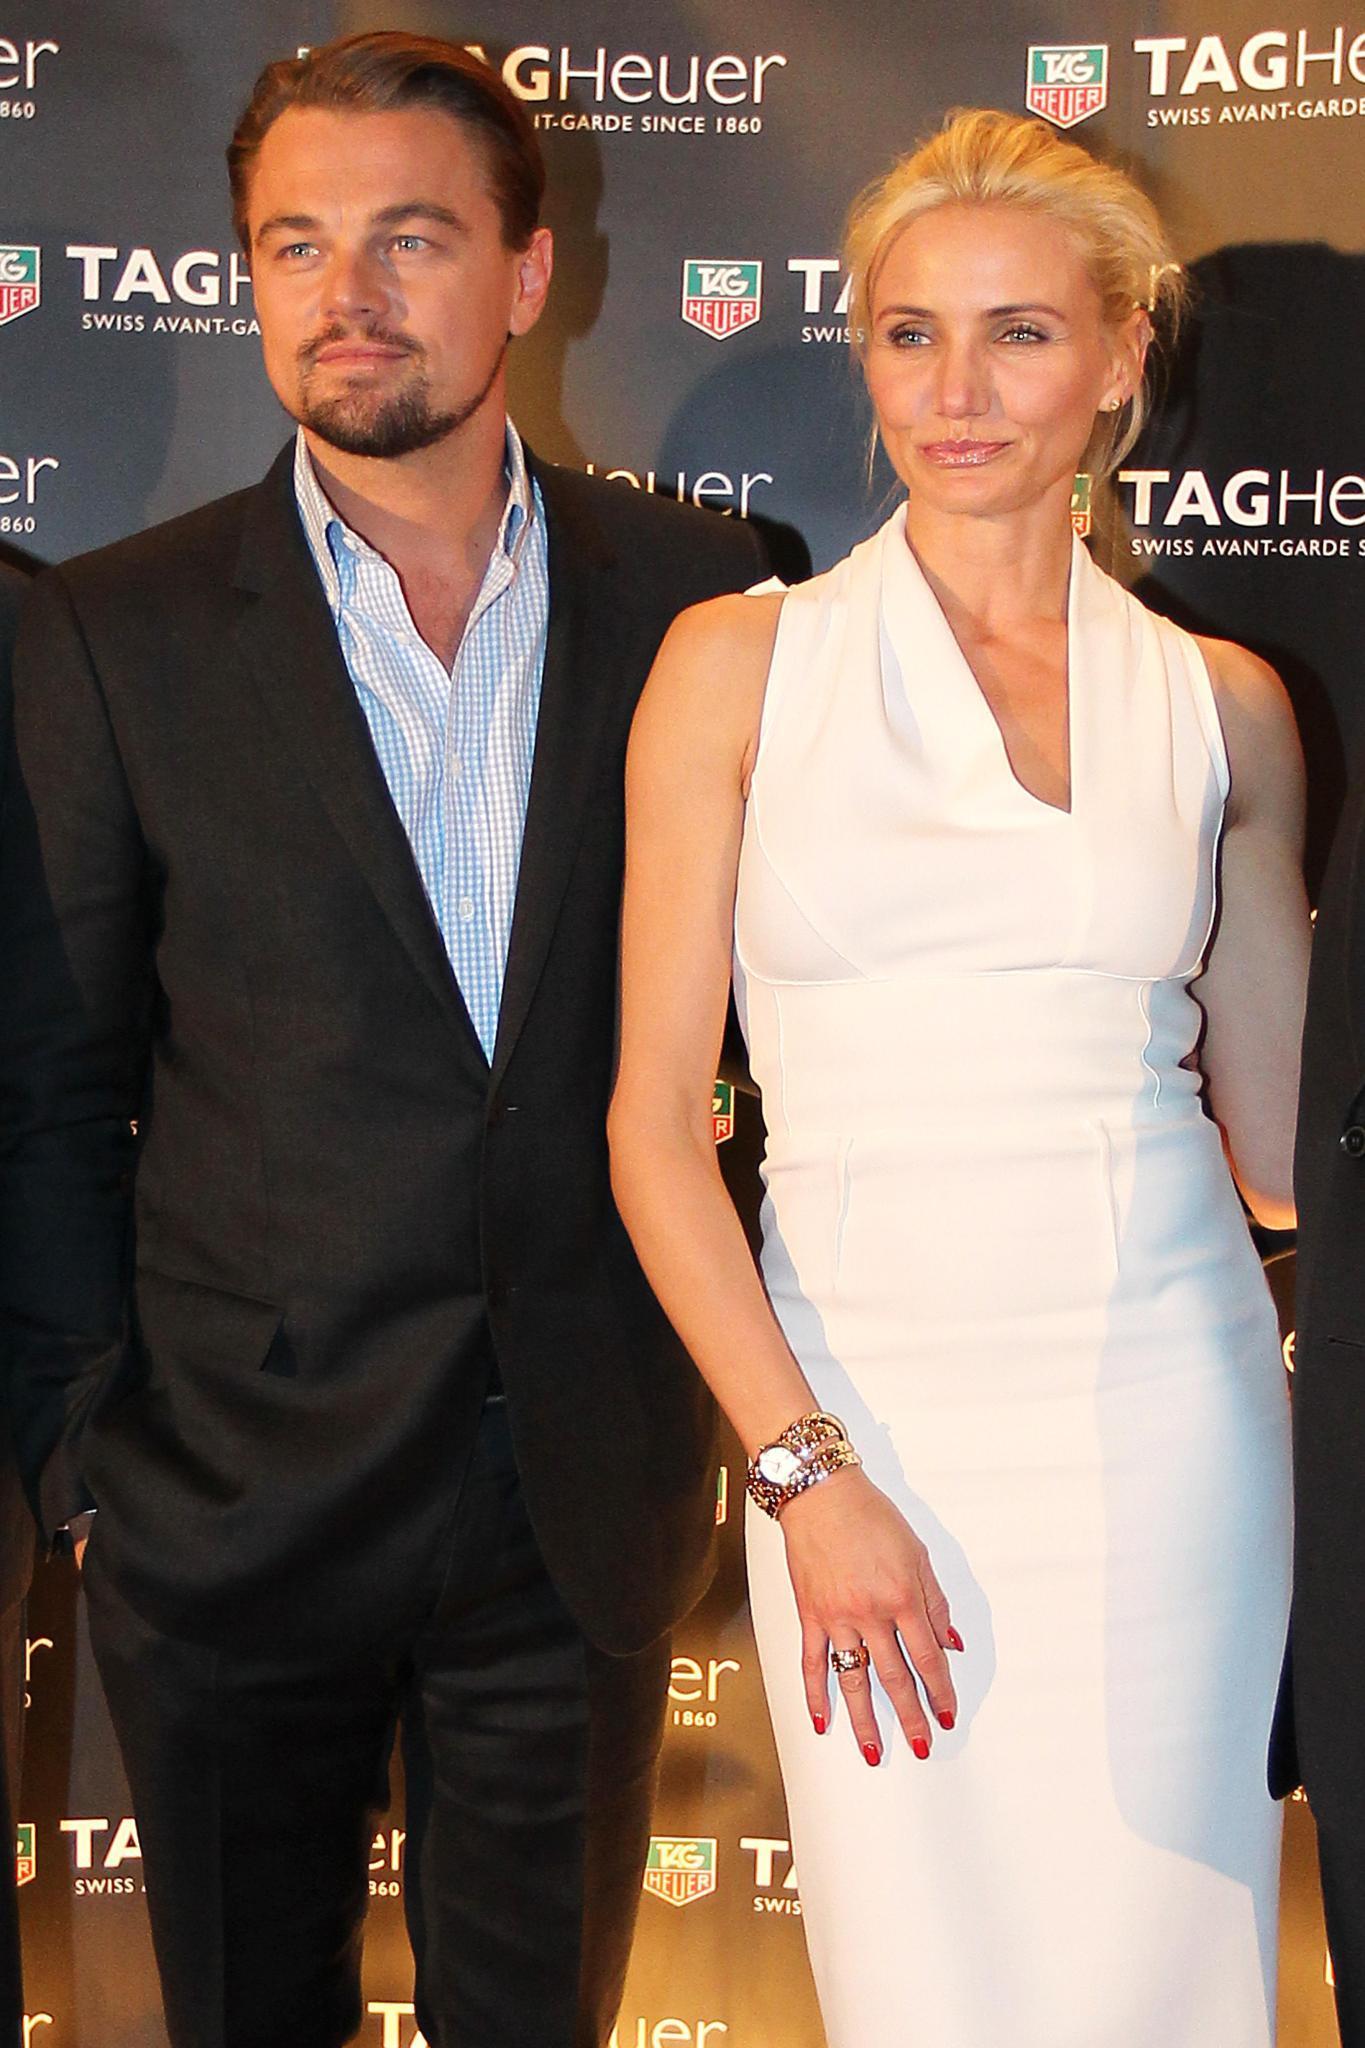 Bevor es nach Nizza ging, zeigte sich Leonardo DiCaprio zusammen mit Cameron Diaz beim Formel-1-Rennen in Monaco. Dort trat er als Testimonial von Tag Heuer auf. Toni Garrn soll ebenfalls vor Ort gewesen sein - gemeinsame Fotos gibt es aber nicht.